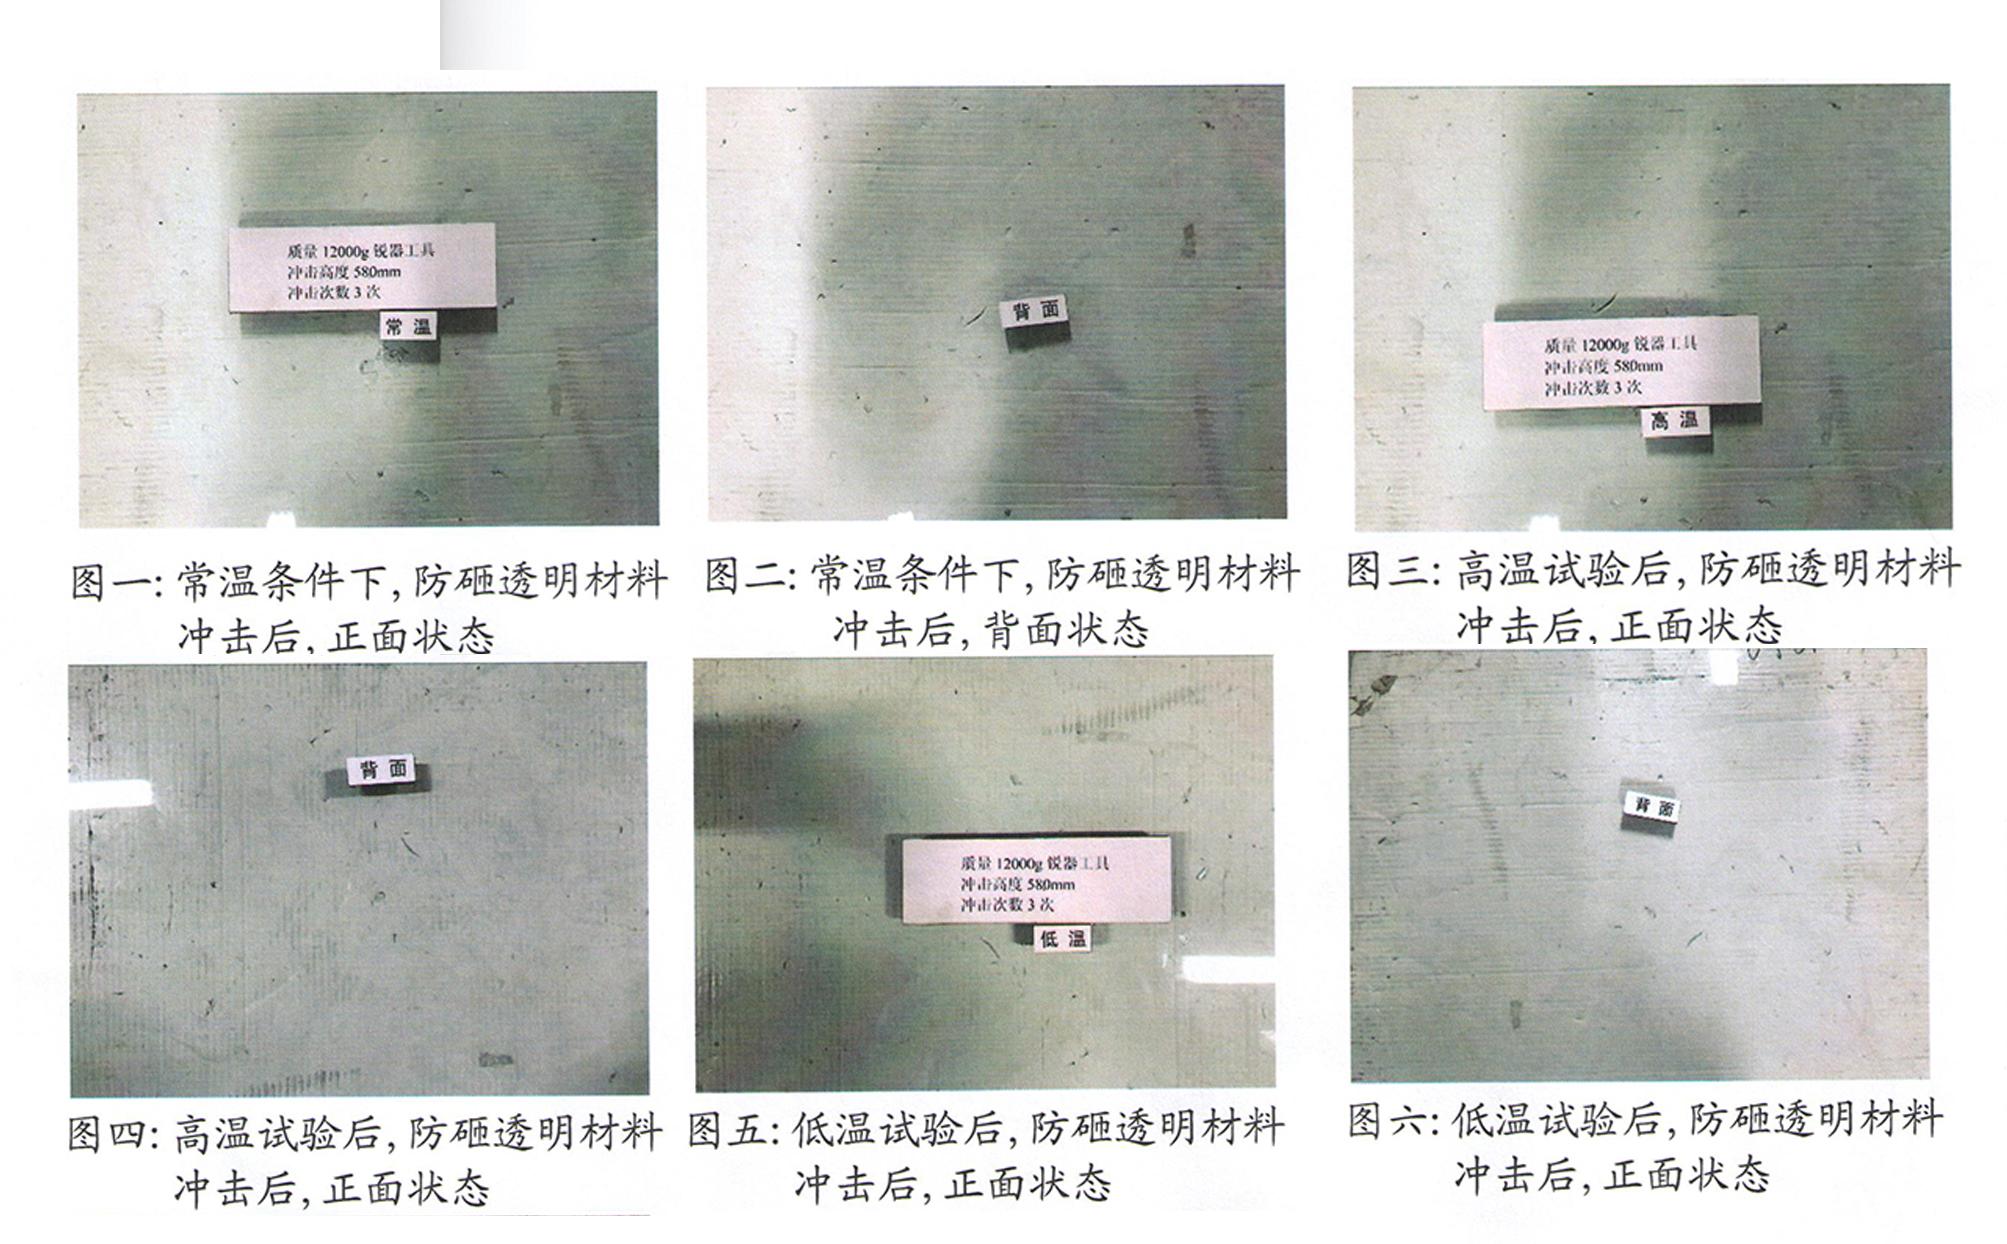 特盾防砸玻璃生产厂家防砸玻璃检测结果